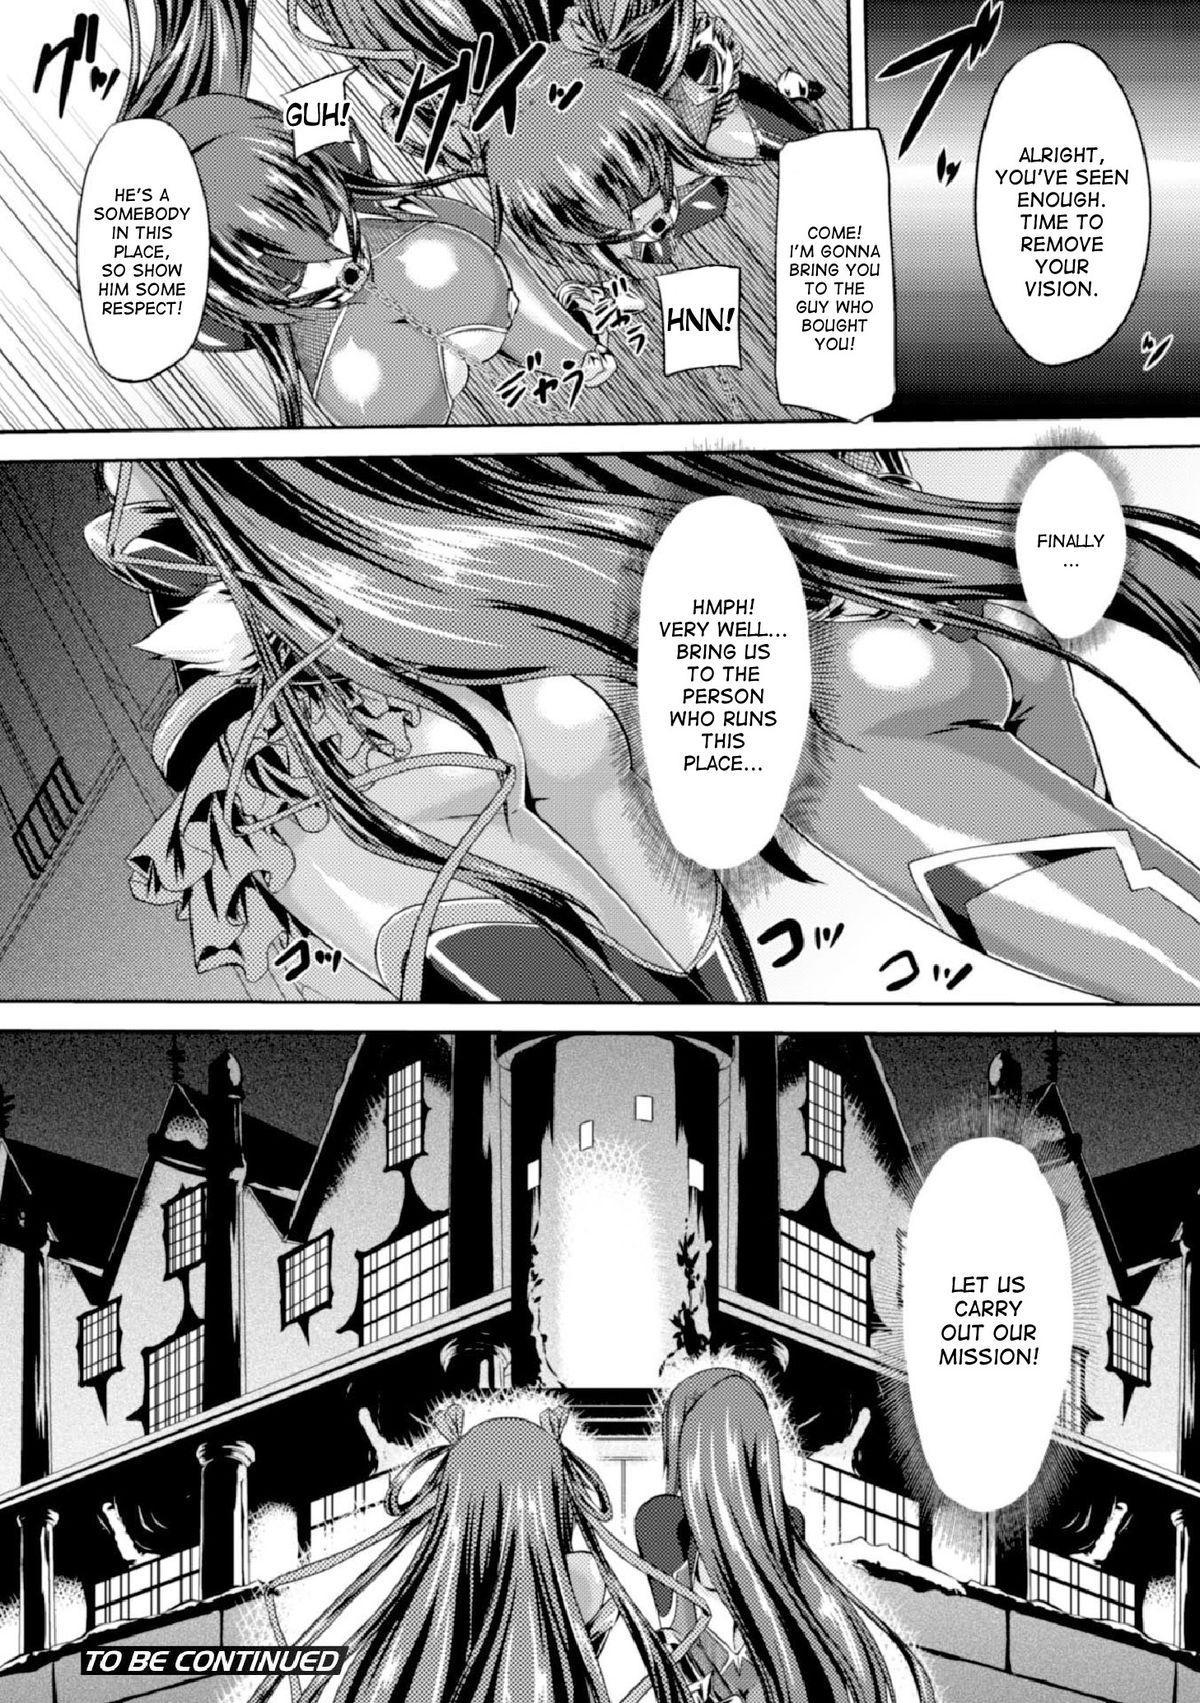 [Gonzaburo-] Taimanin Yukikaze - Taimanin wa Ingoku ni Shizumu #1-6 | Taimanin Yukikaze - Taimanin's fall into the lewd hell #1-5 [English] [desudesu] [Digital] 11